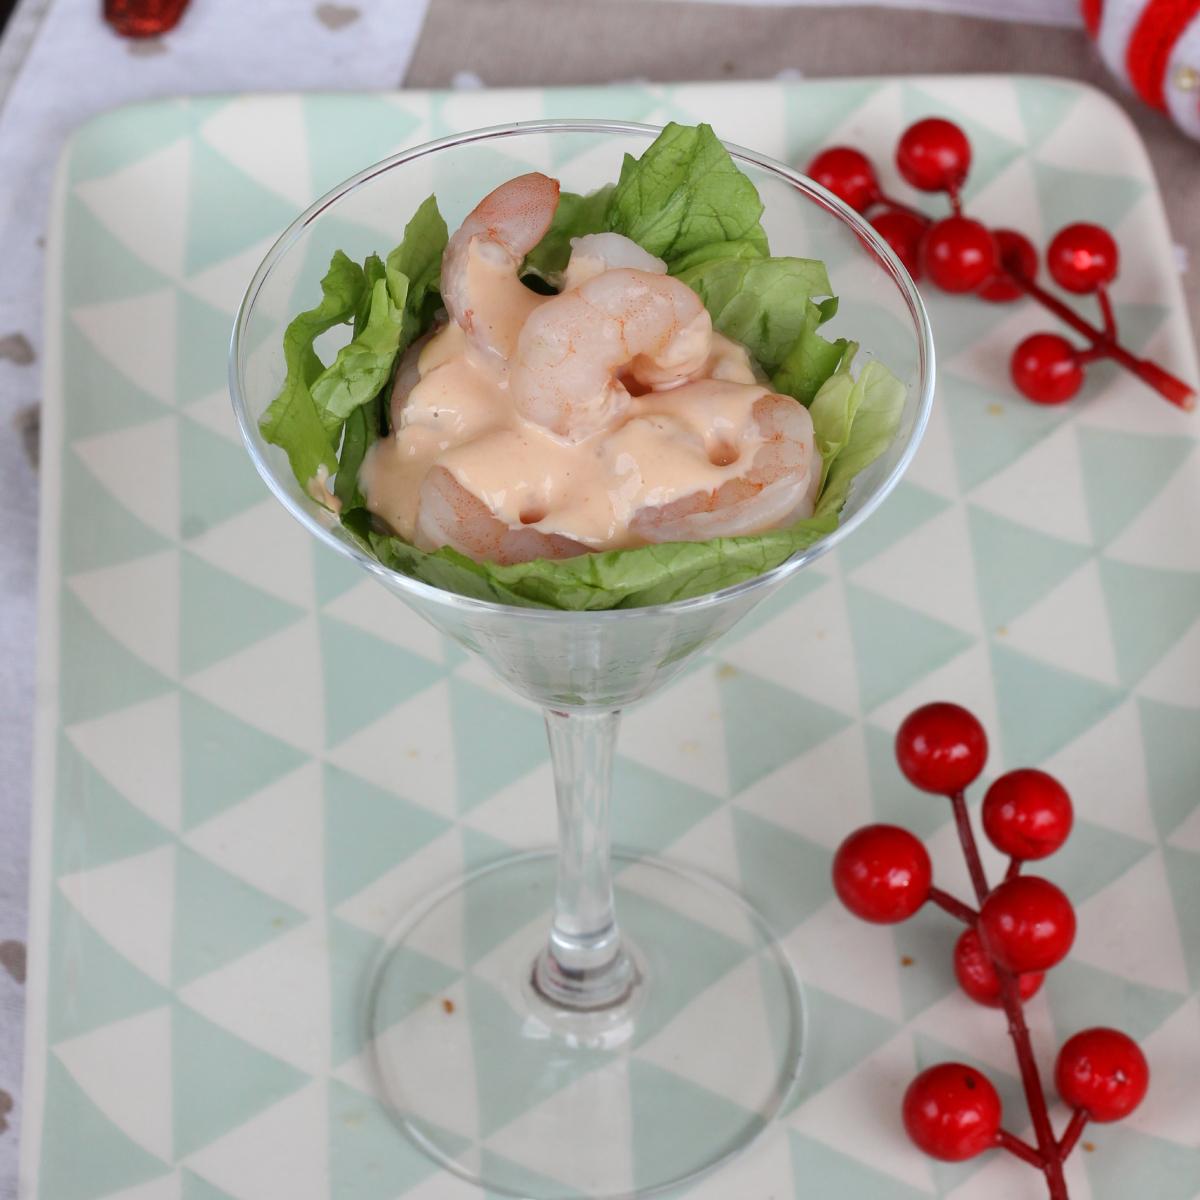 COCKTAIL DI GAMBERI ricetta gamberi in salsa rosa | cocktail gamberetti